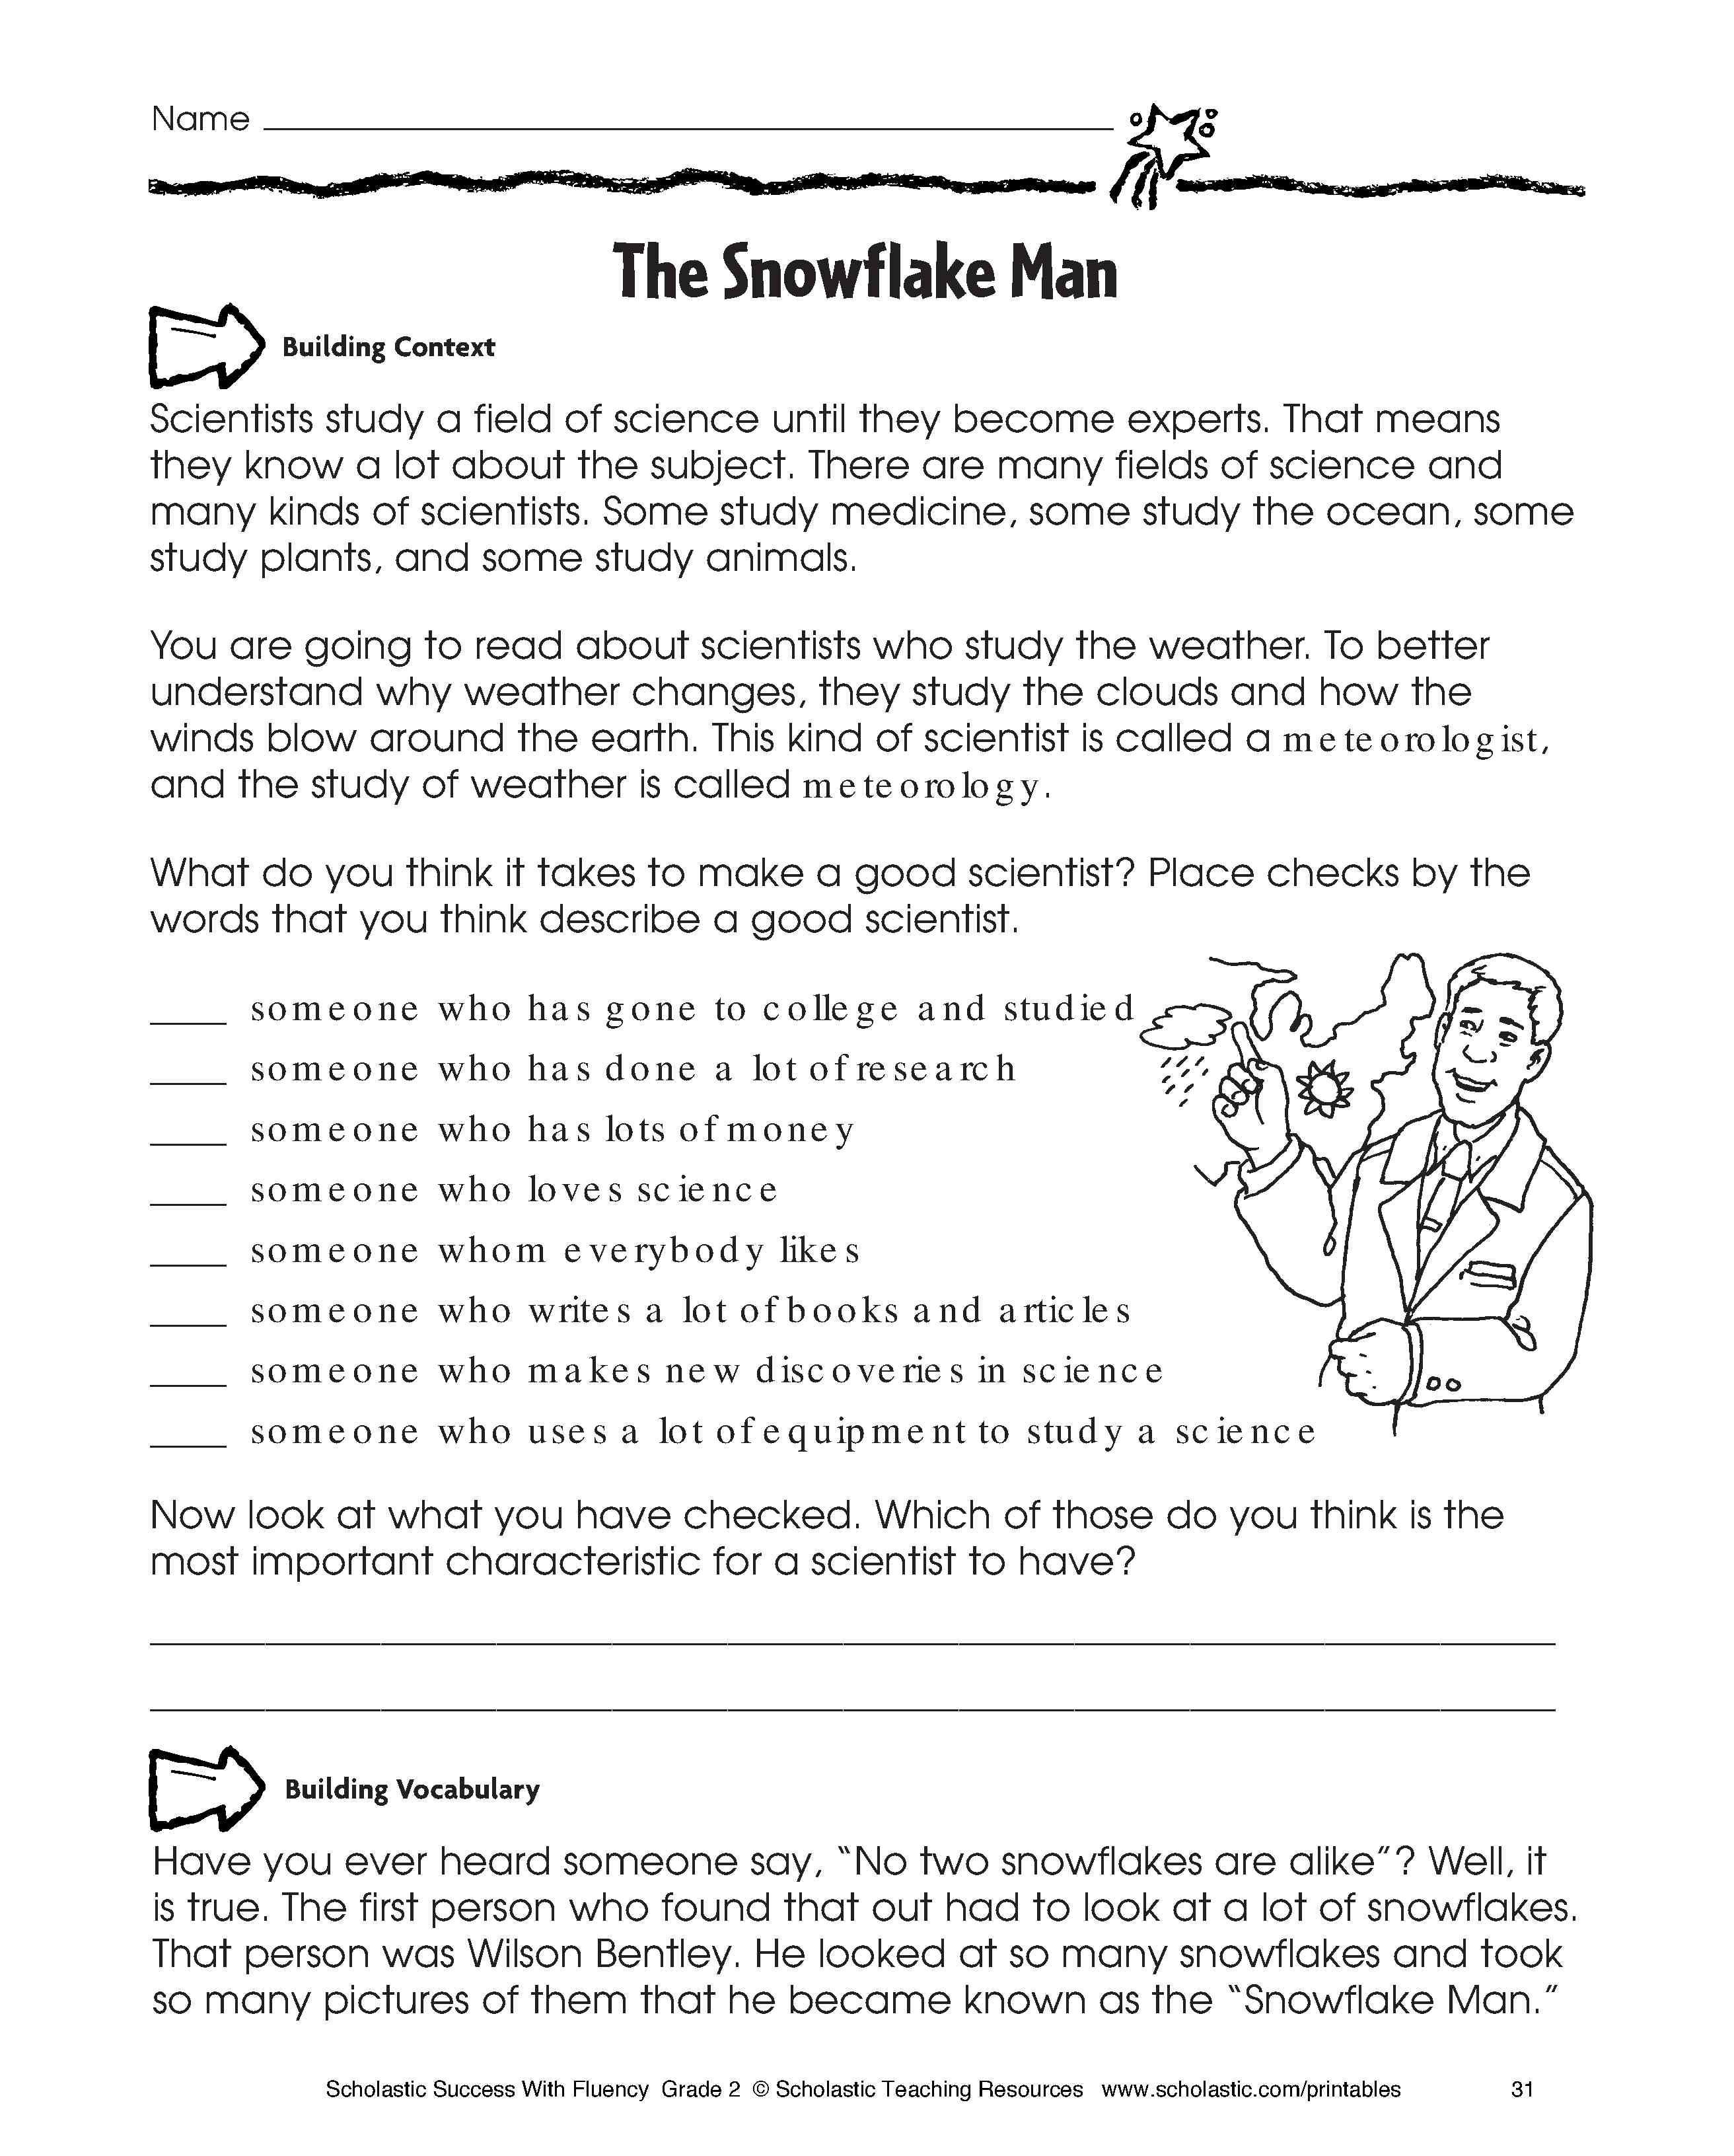 Free Printable High School Worksheets – Worksheet Template - Free | Free Printable High School Science Worksheets